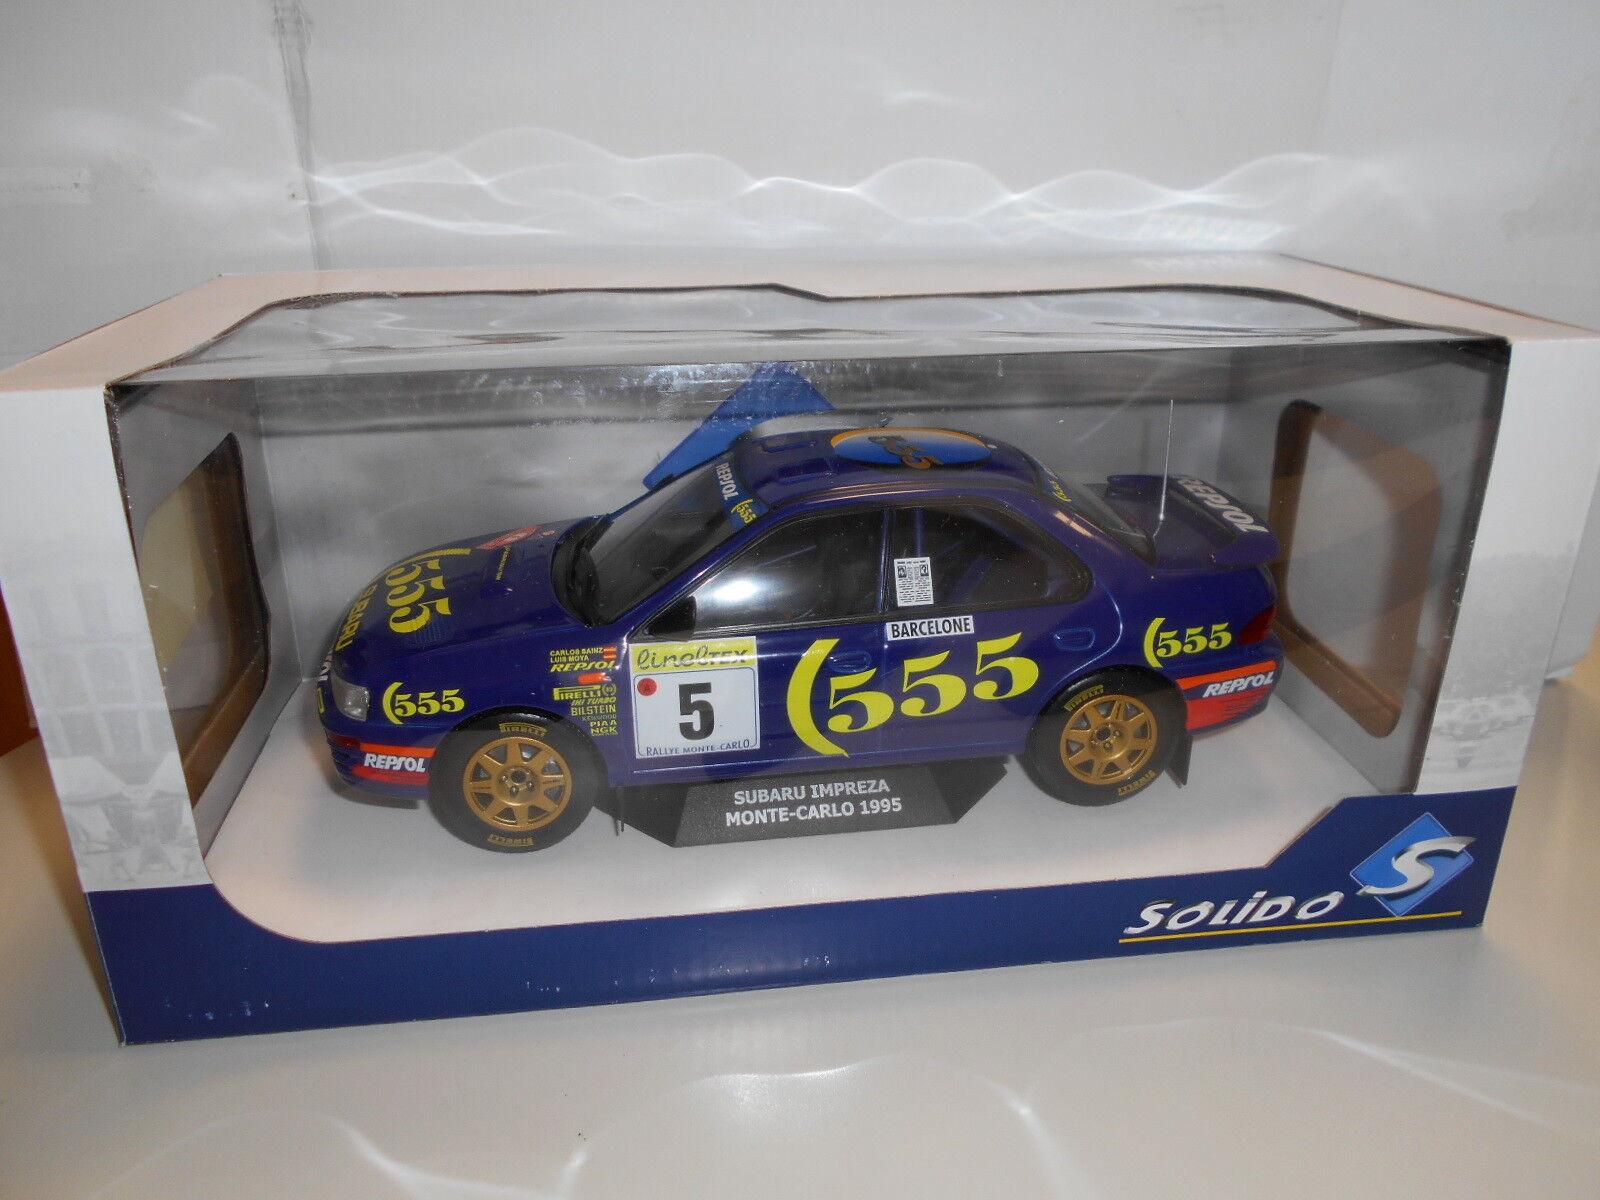 SOLS1800802 by SOLIDO' SOLIDO SUBARU IMPREZA MONTECARLO 1995 1 18